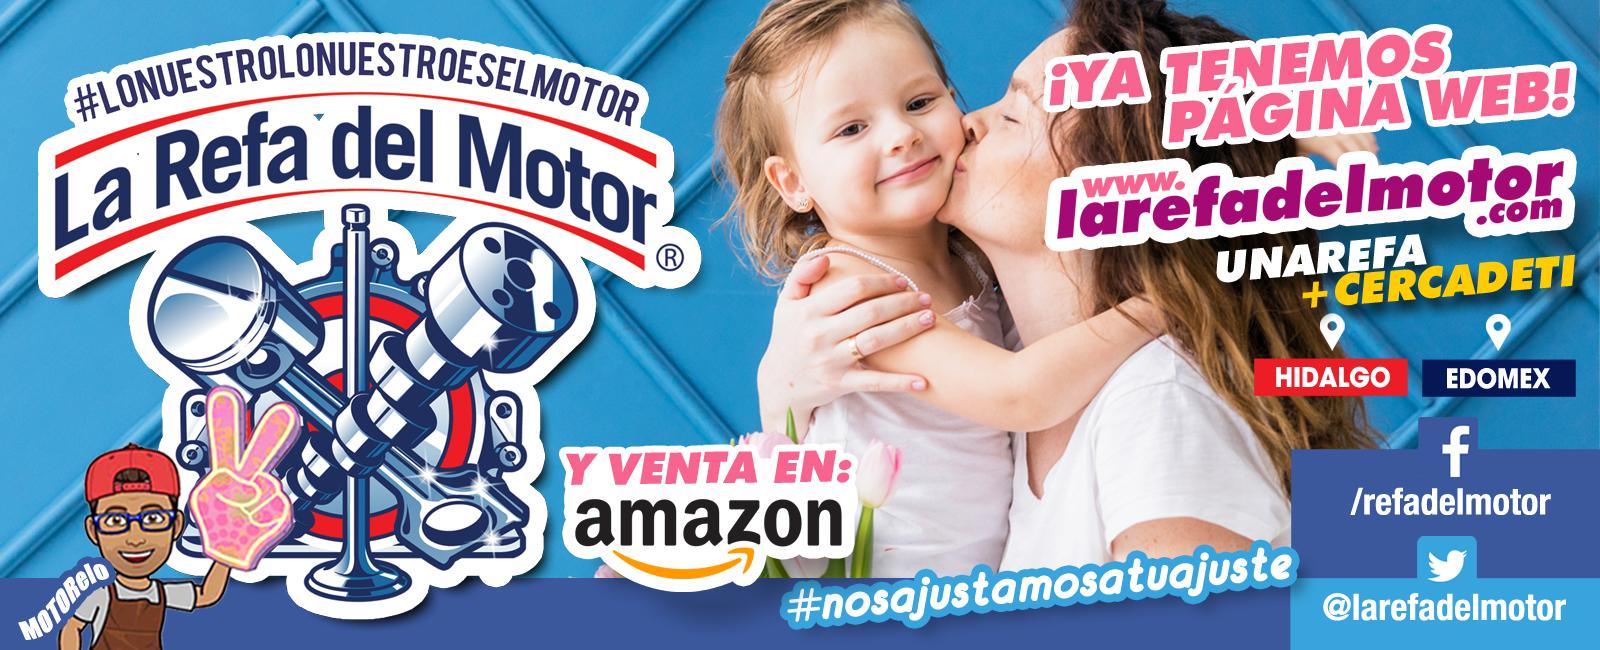 la-refa-del-motor-ajuste-para-tu-motor-feliz-dia-de-la-madre-2019-almanaque-mx-tepeji-tula-jilotepec-coacalco